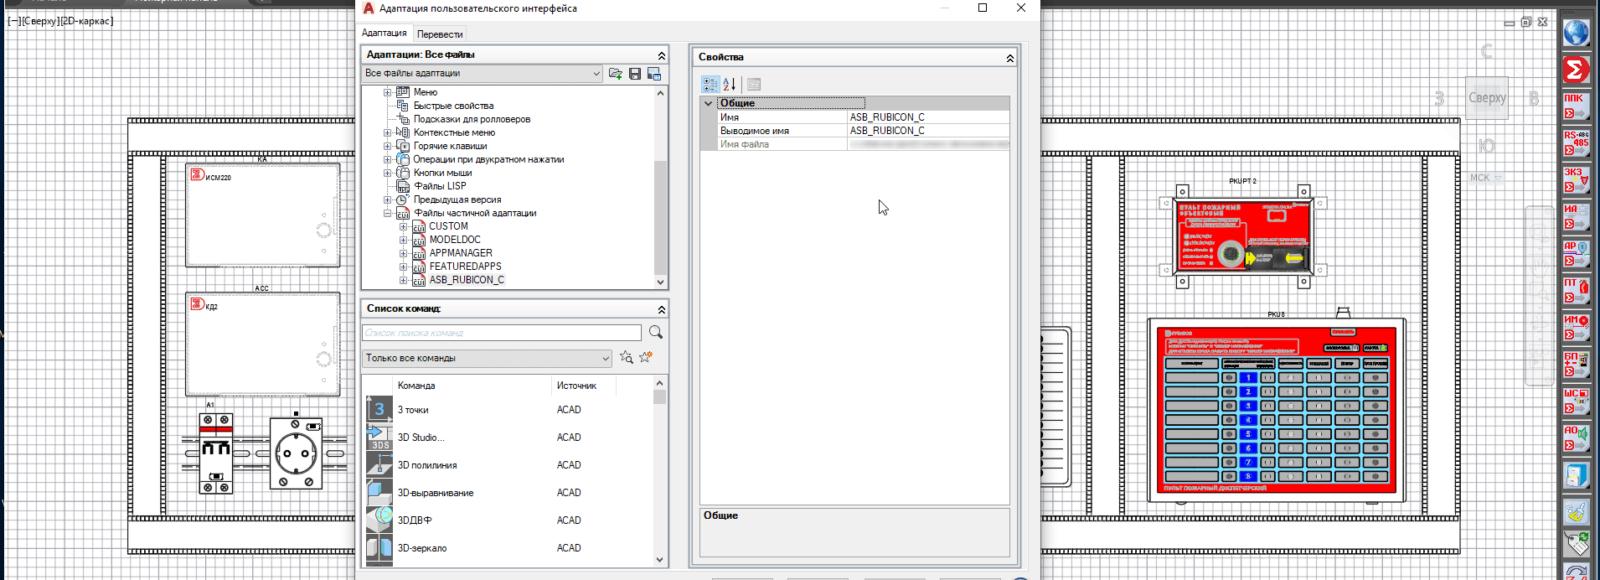 Интерфейс меню Адаптации пользовательского интерфейса AutoCAD